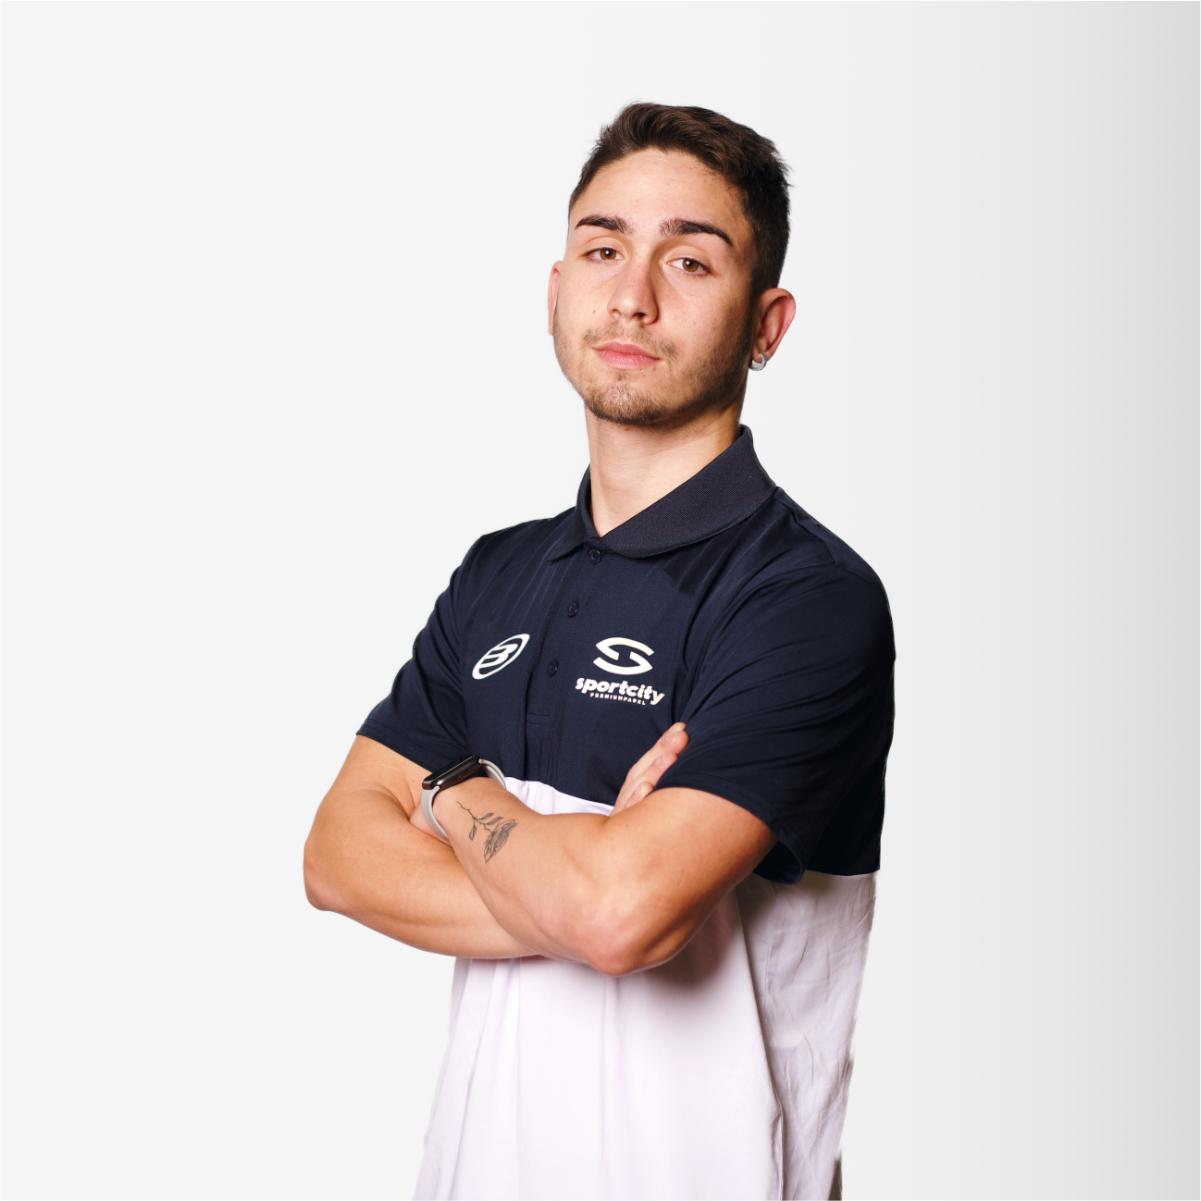 Entrenador padel Sportcity